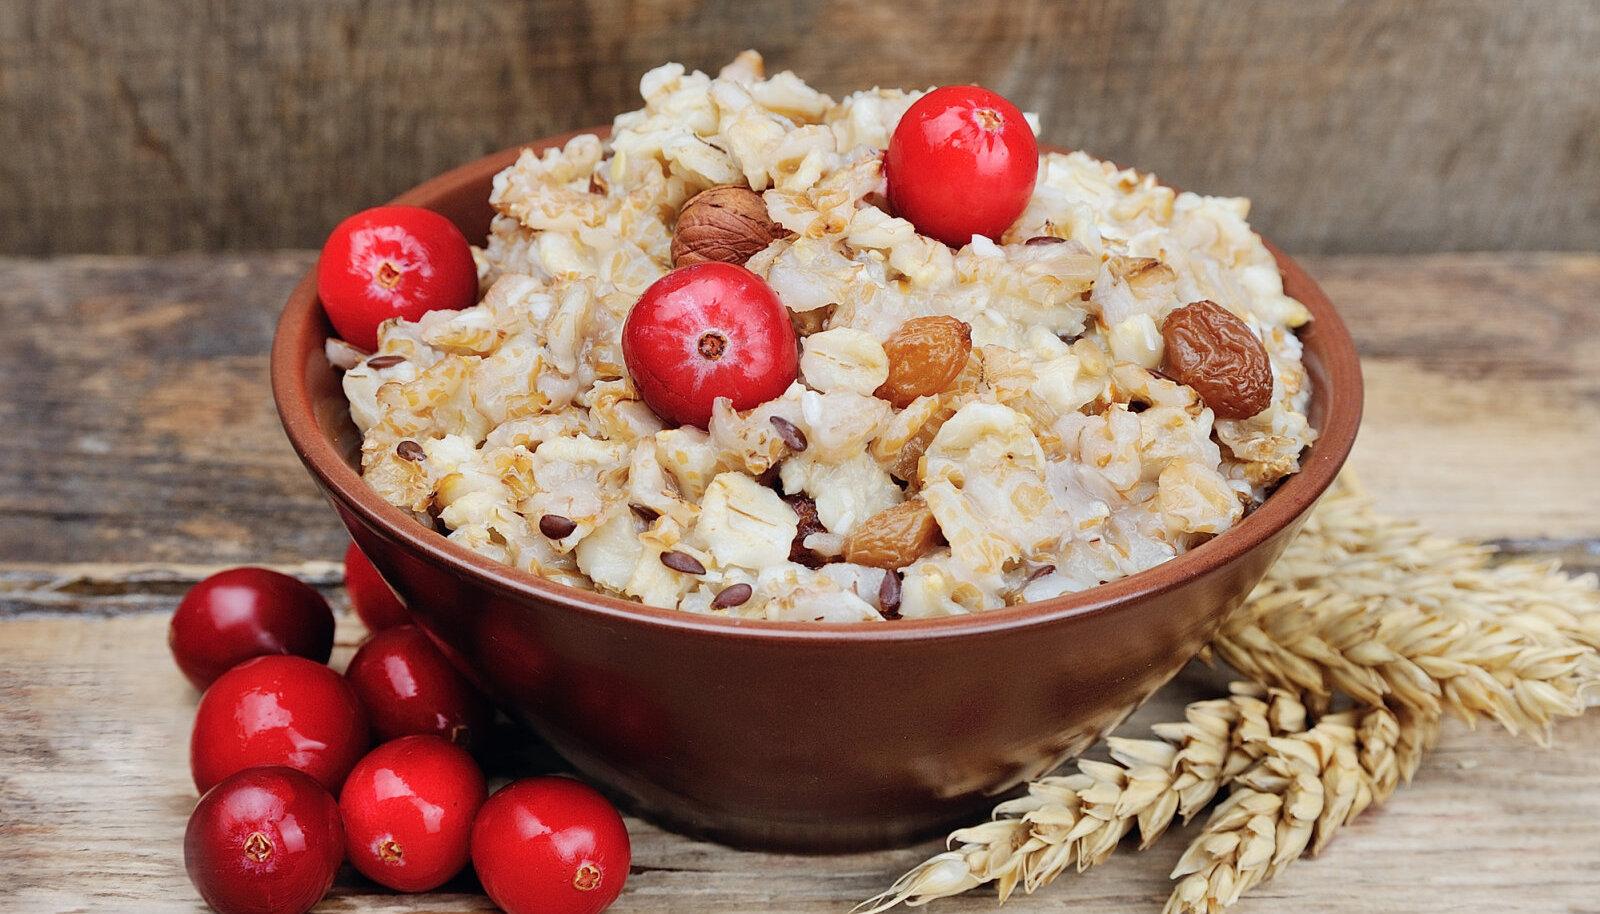 Täisterakaerahelvestest valmistatud toidud aitavad alandada kõrget vererõhku ning normaliseerida kolestoroolitaset ja ainevahetust